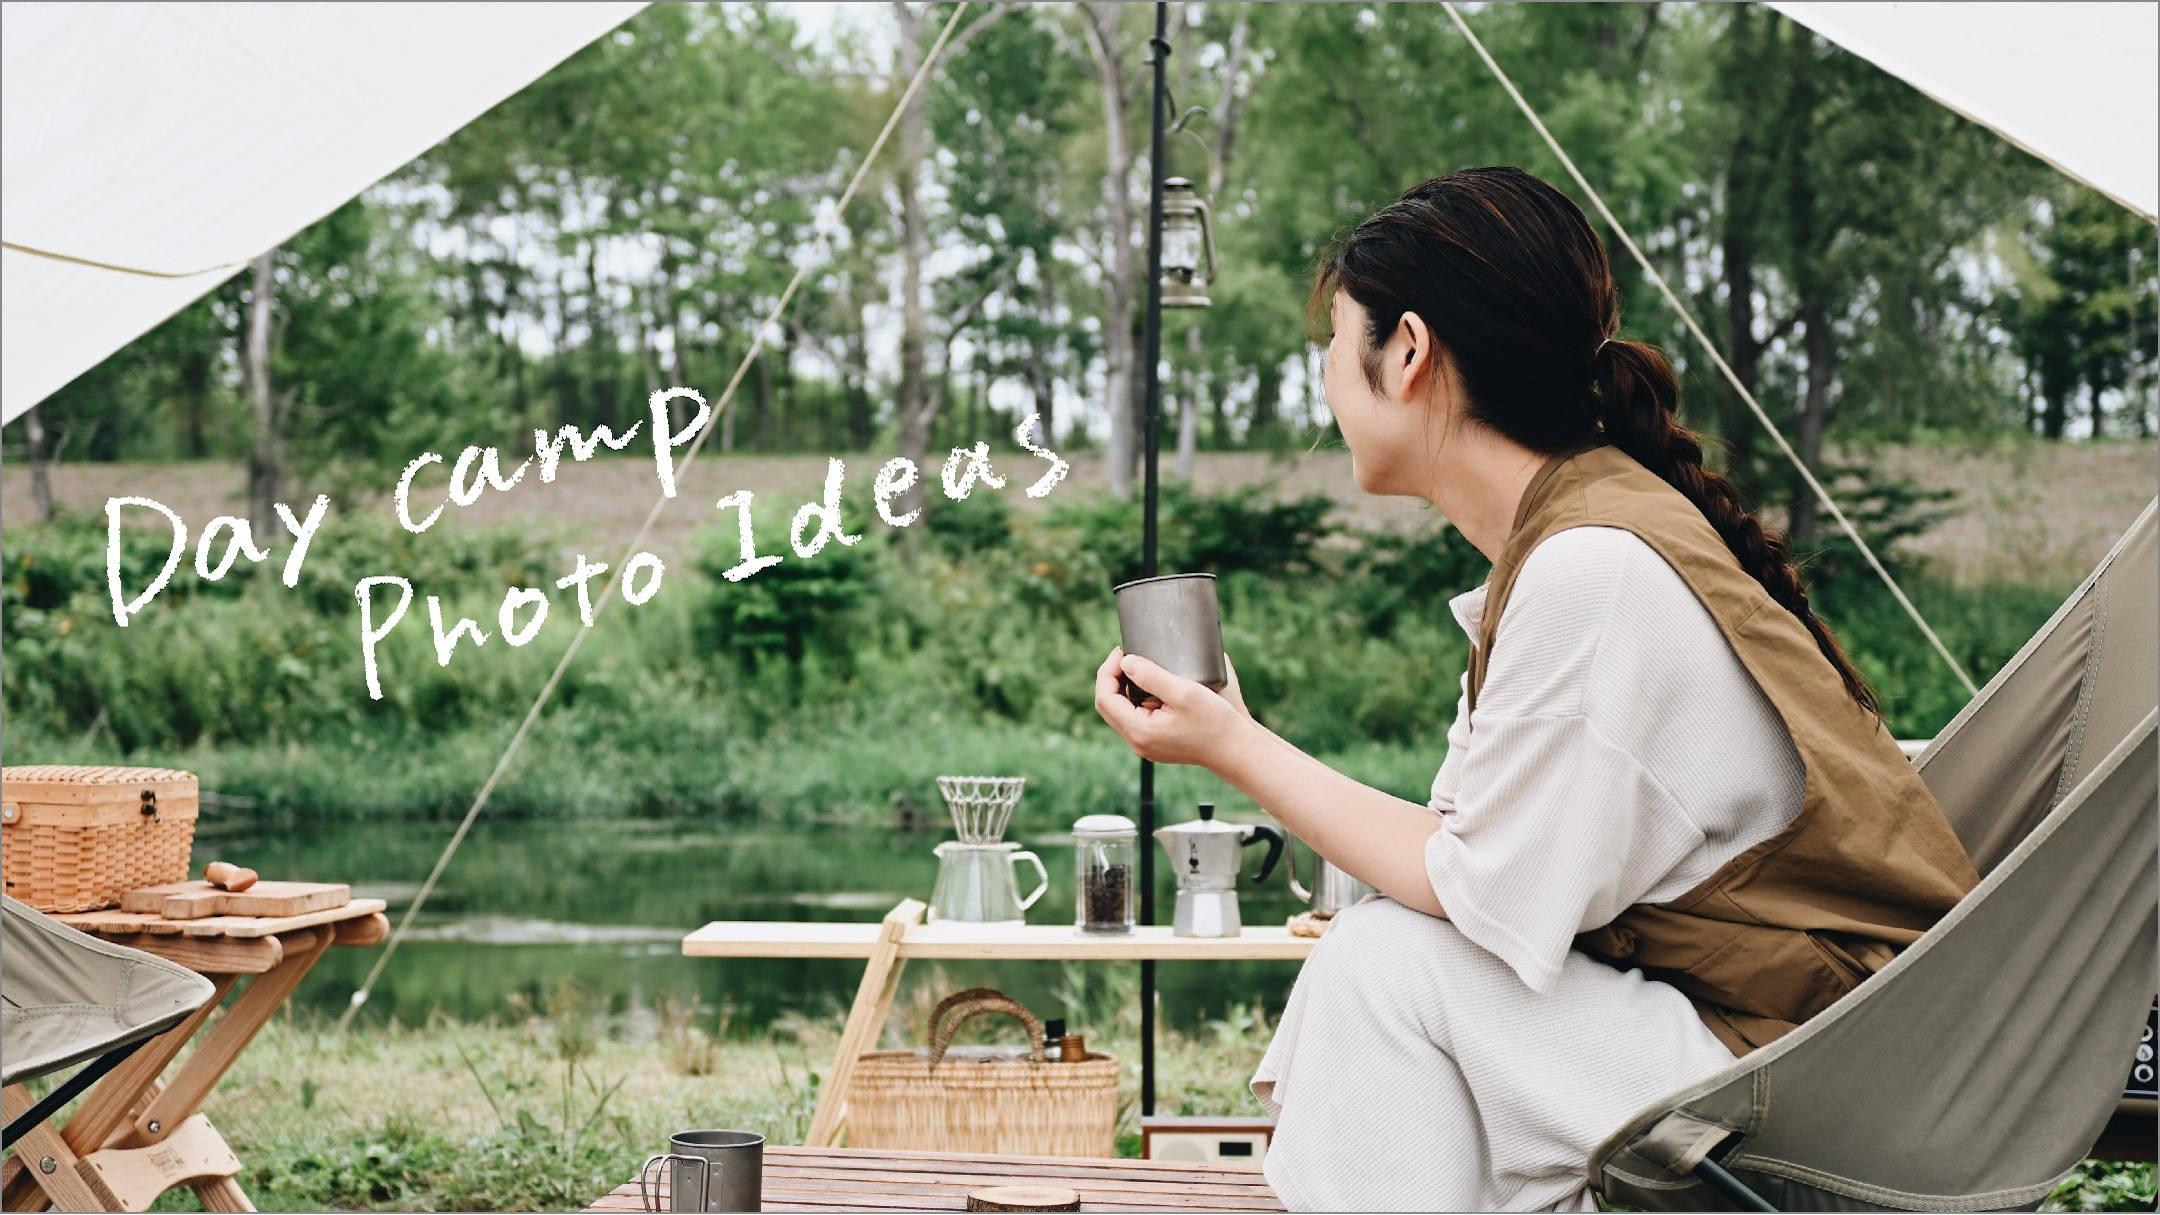 【デイキャンプ】雰囲気を伝えるコツとキャンプ好きデザイナーの愛用ギア